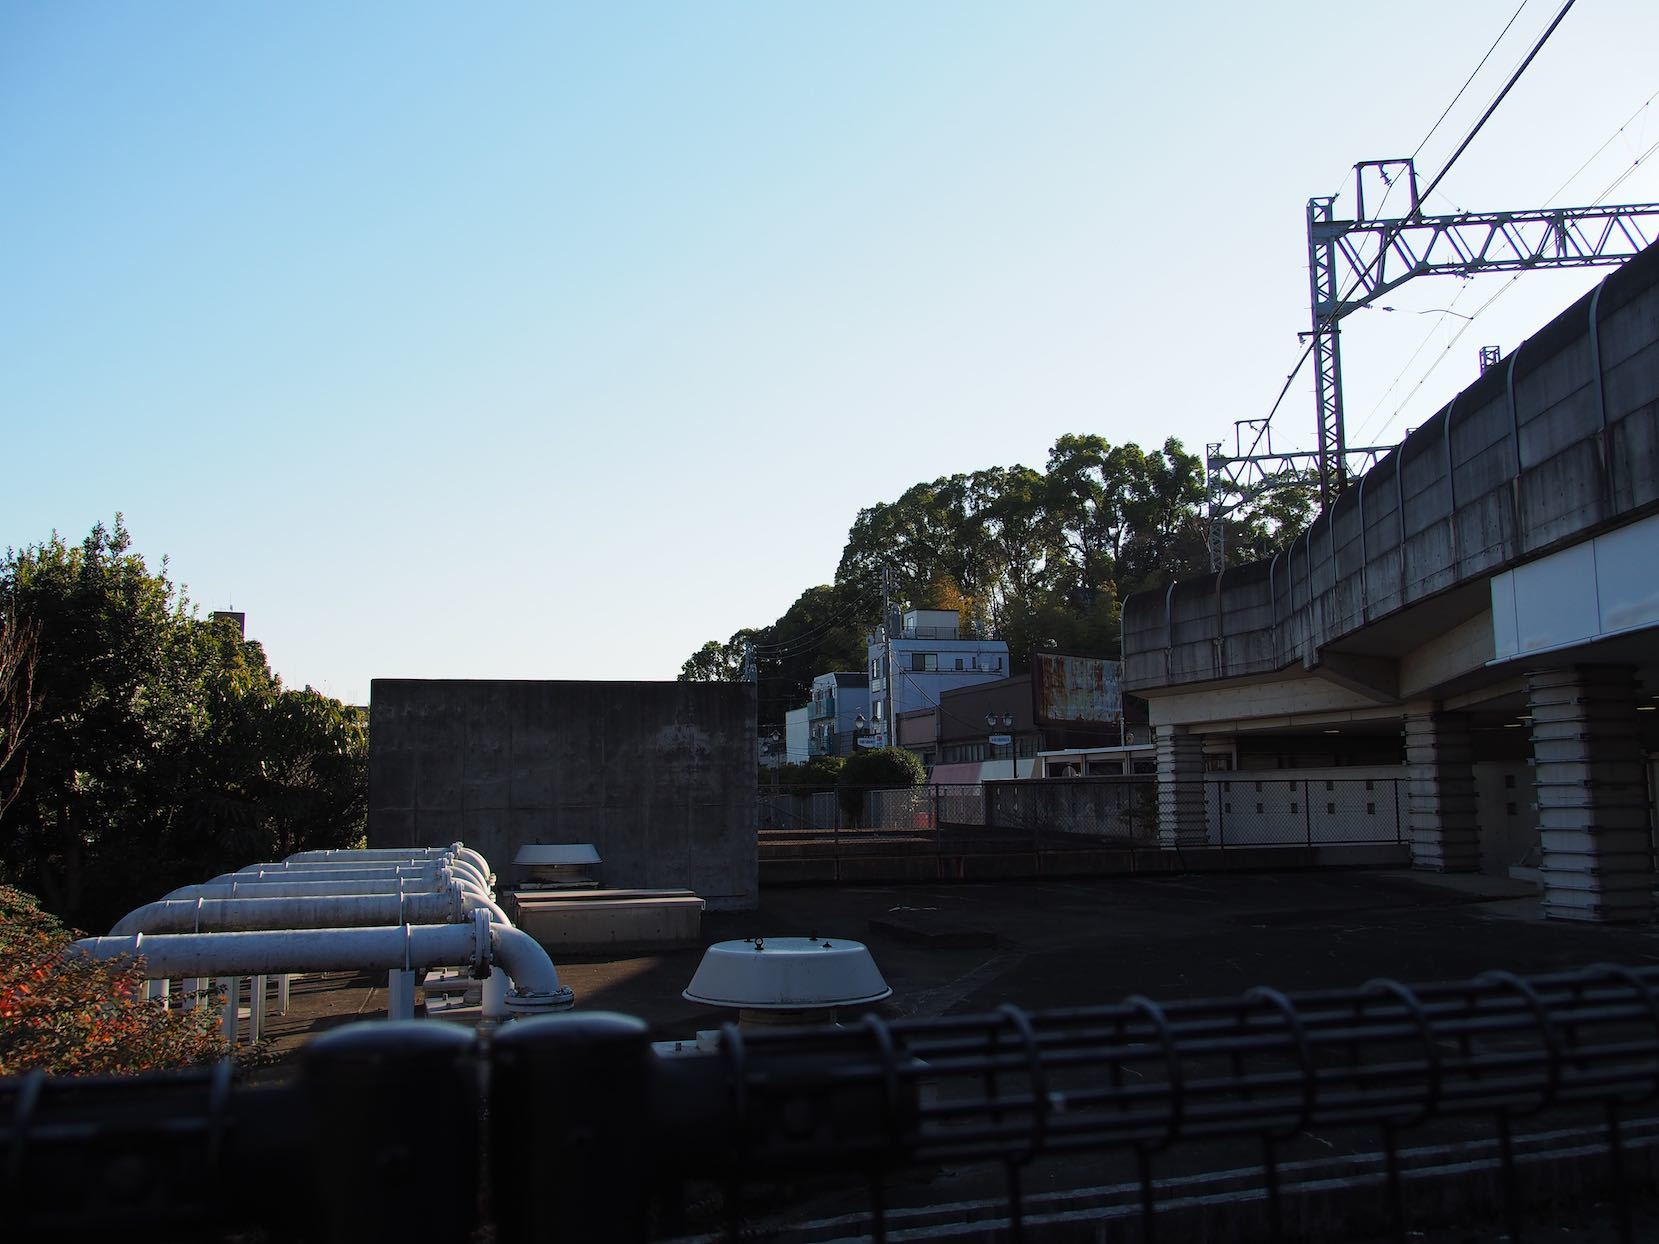 東急多摩川駅周辺1_b0360240_21363829.jpg